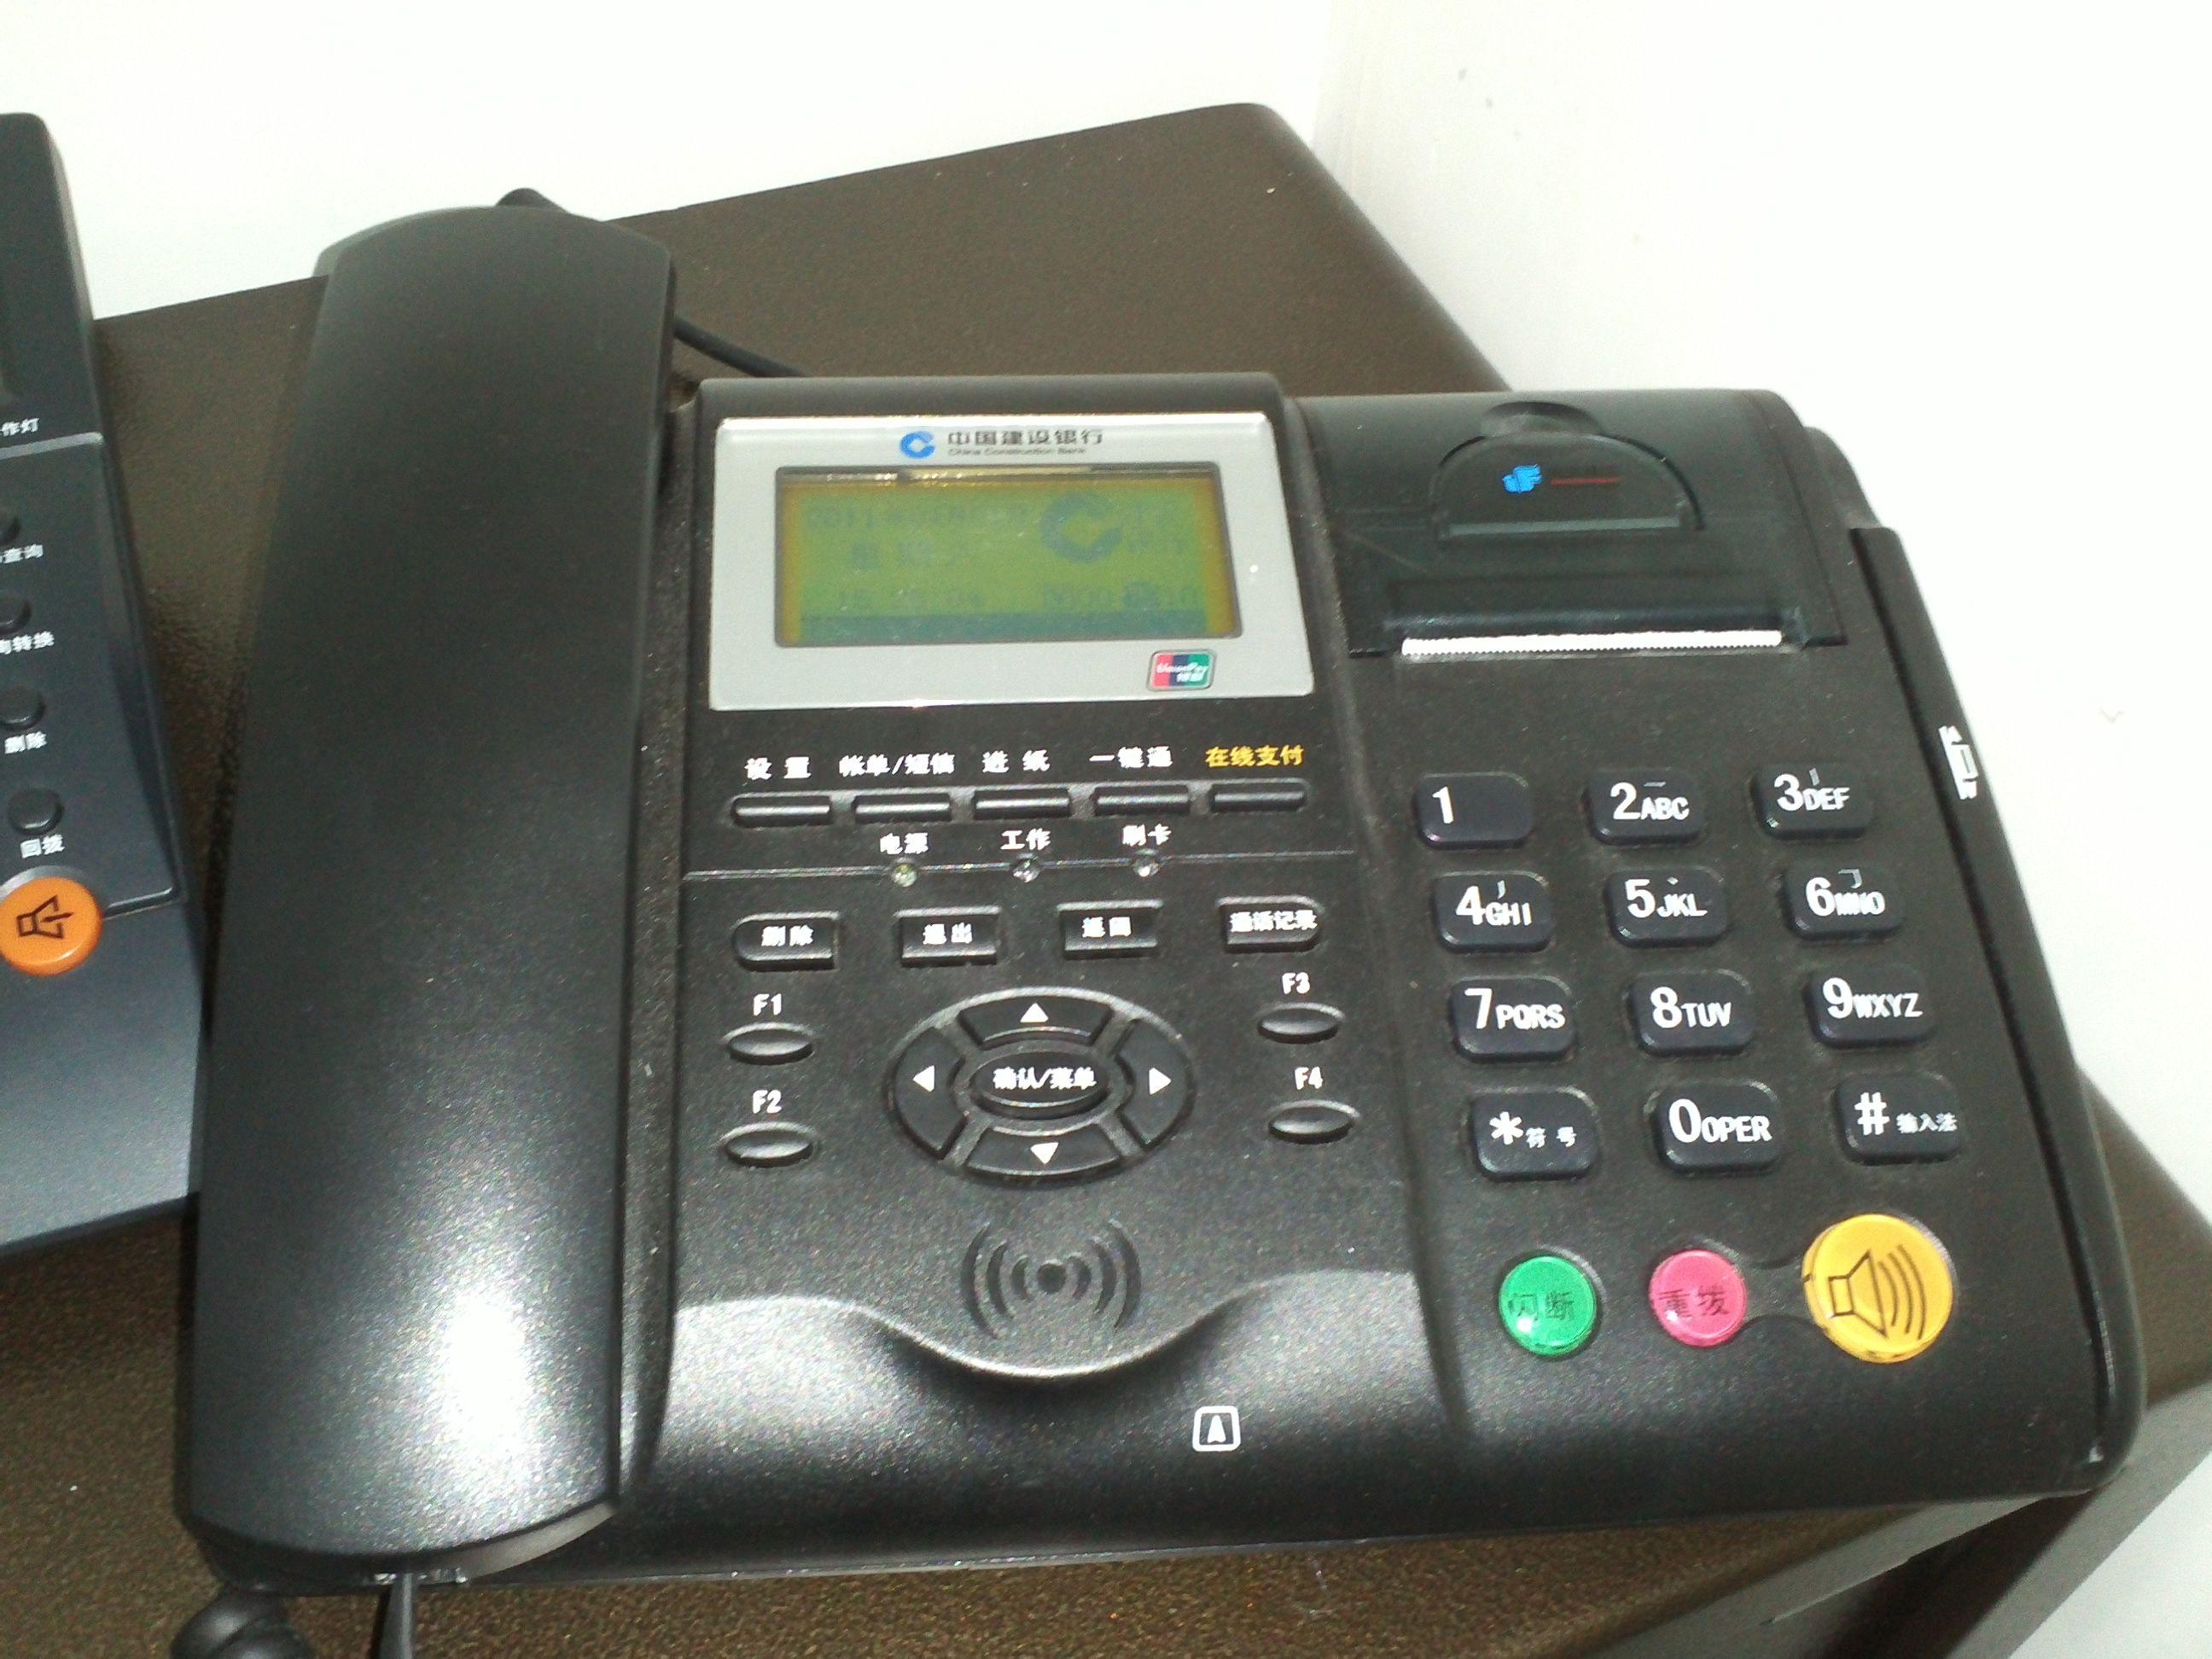 ... 机 怎么 装 纸 图解 产 供应 扬州 市 无线 刷卡 机